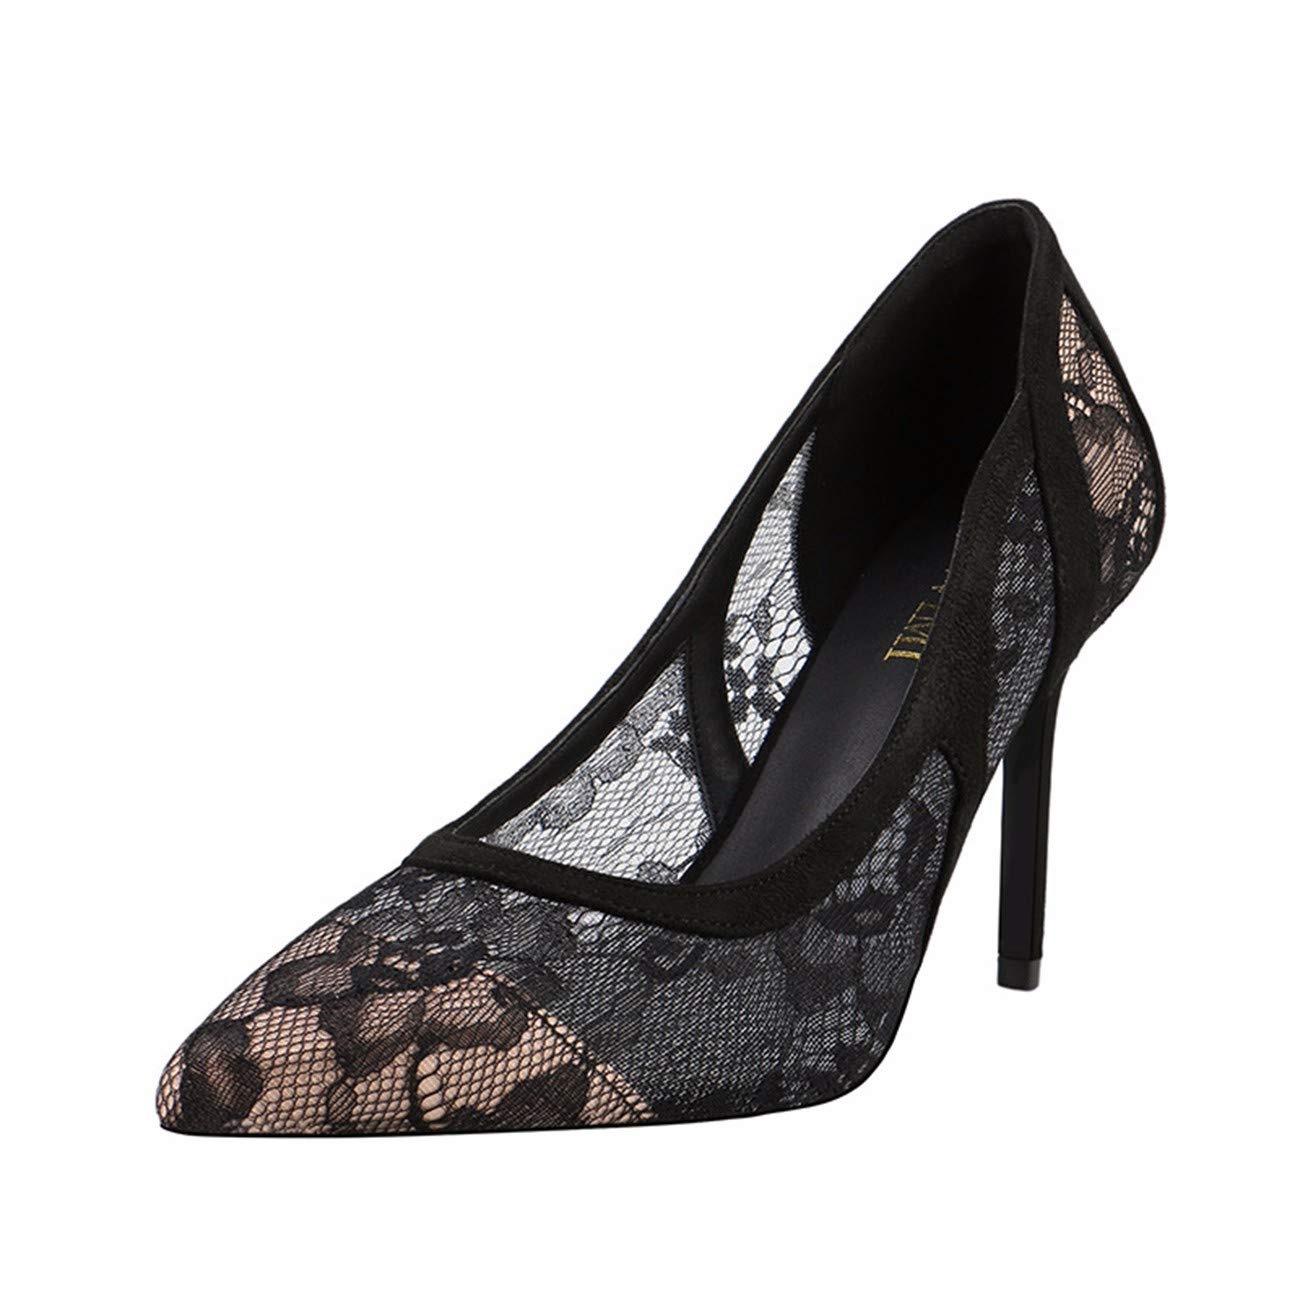 QPGGP-schuhe super - Schuhe sexy mit hohen absätzen europäischen und amerikanischen sexy Schuhe Spitzen - Game super hochhackige Schuh mit flachen Slim betuchte Dame fb3641